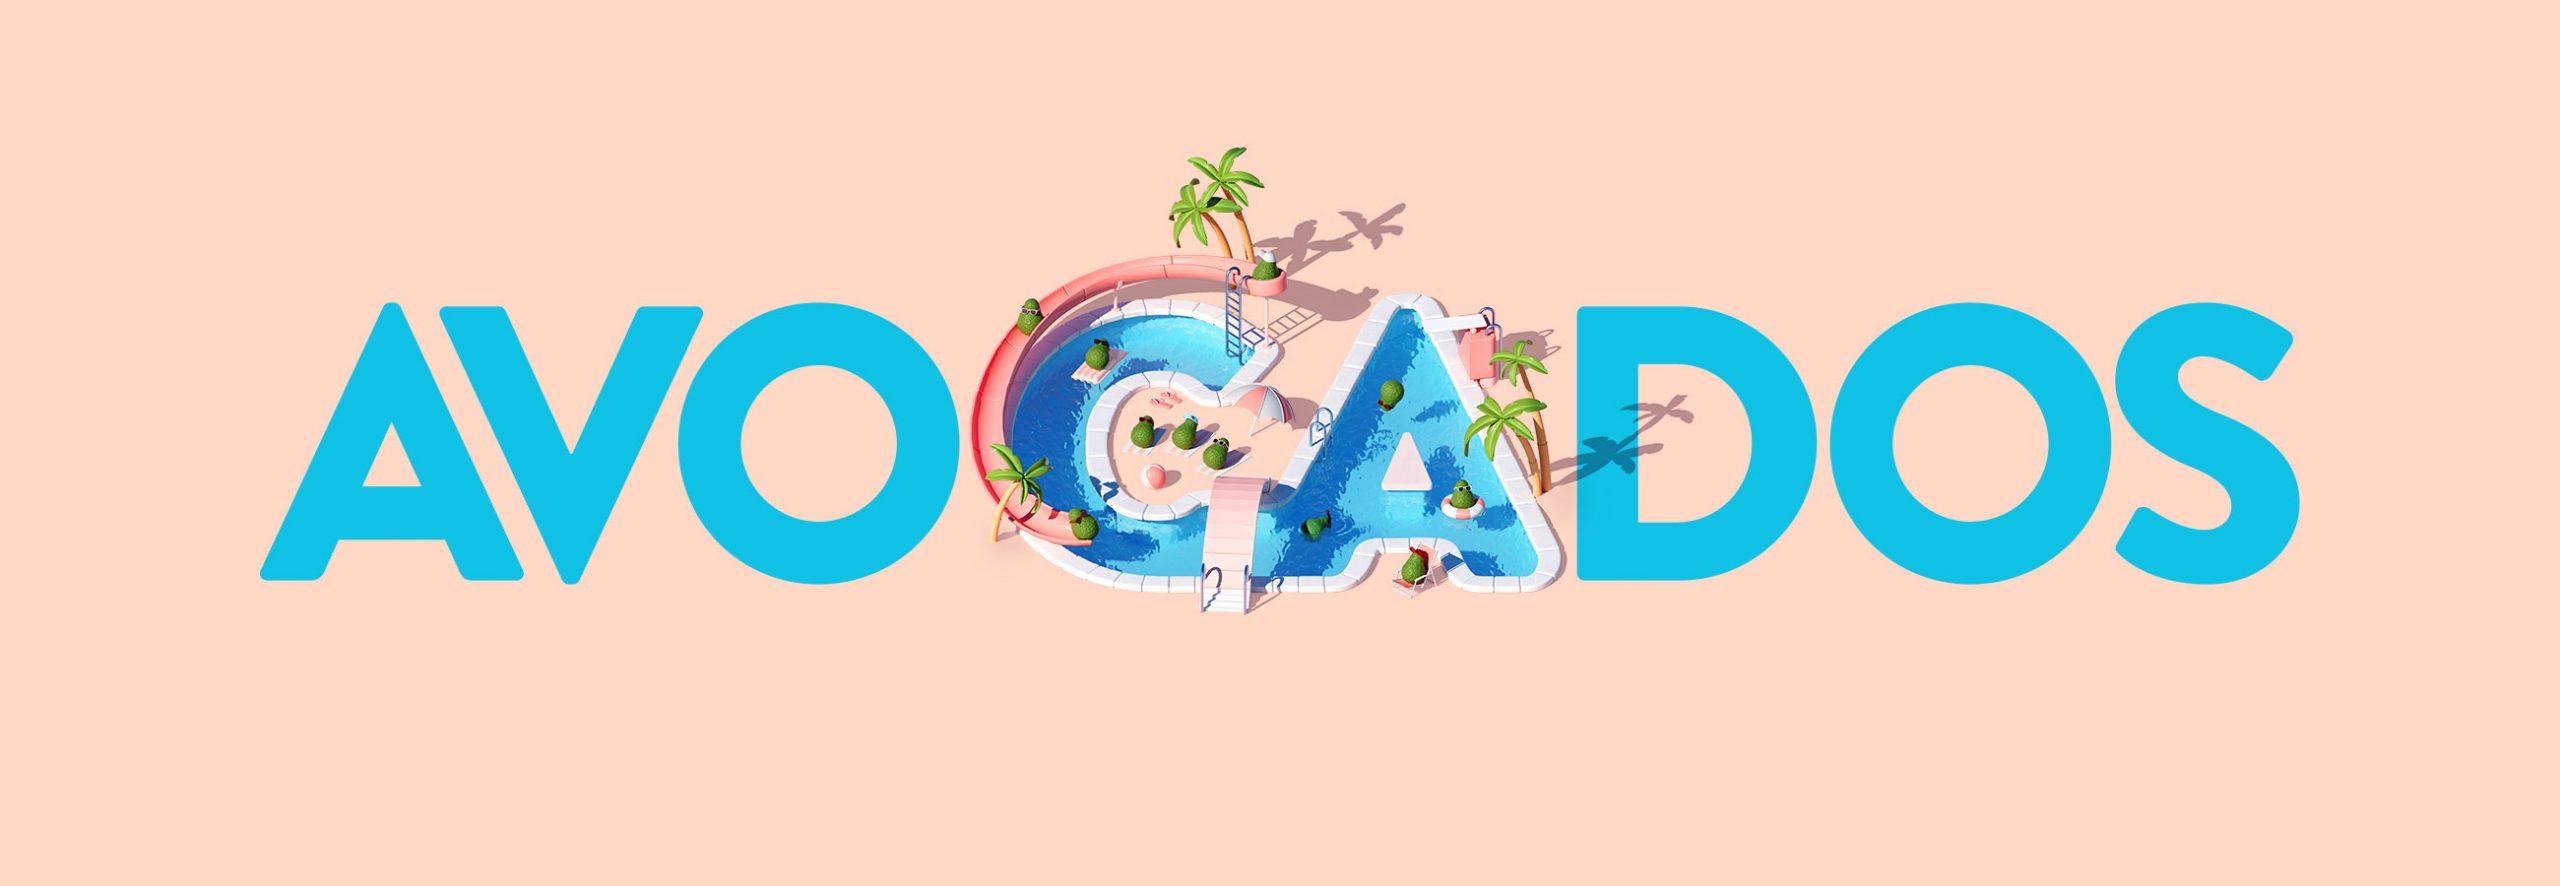 foreal_california_avocados_header_